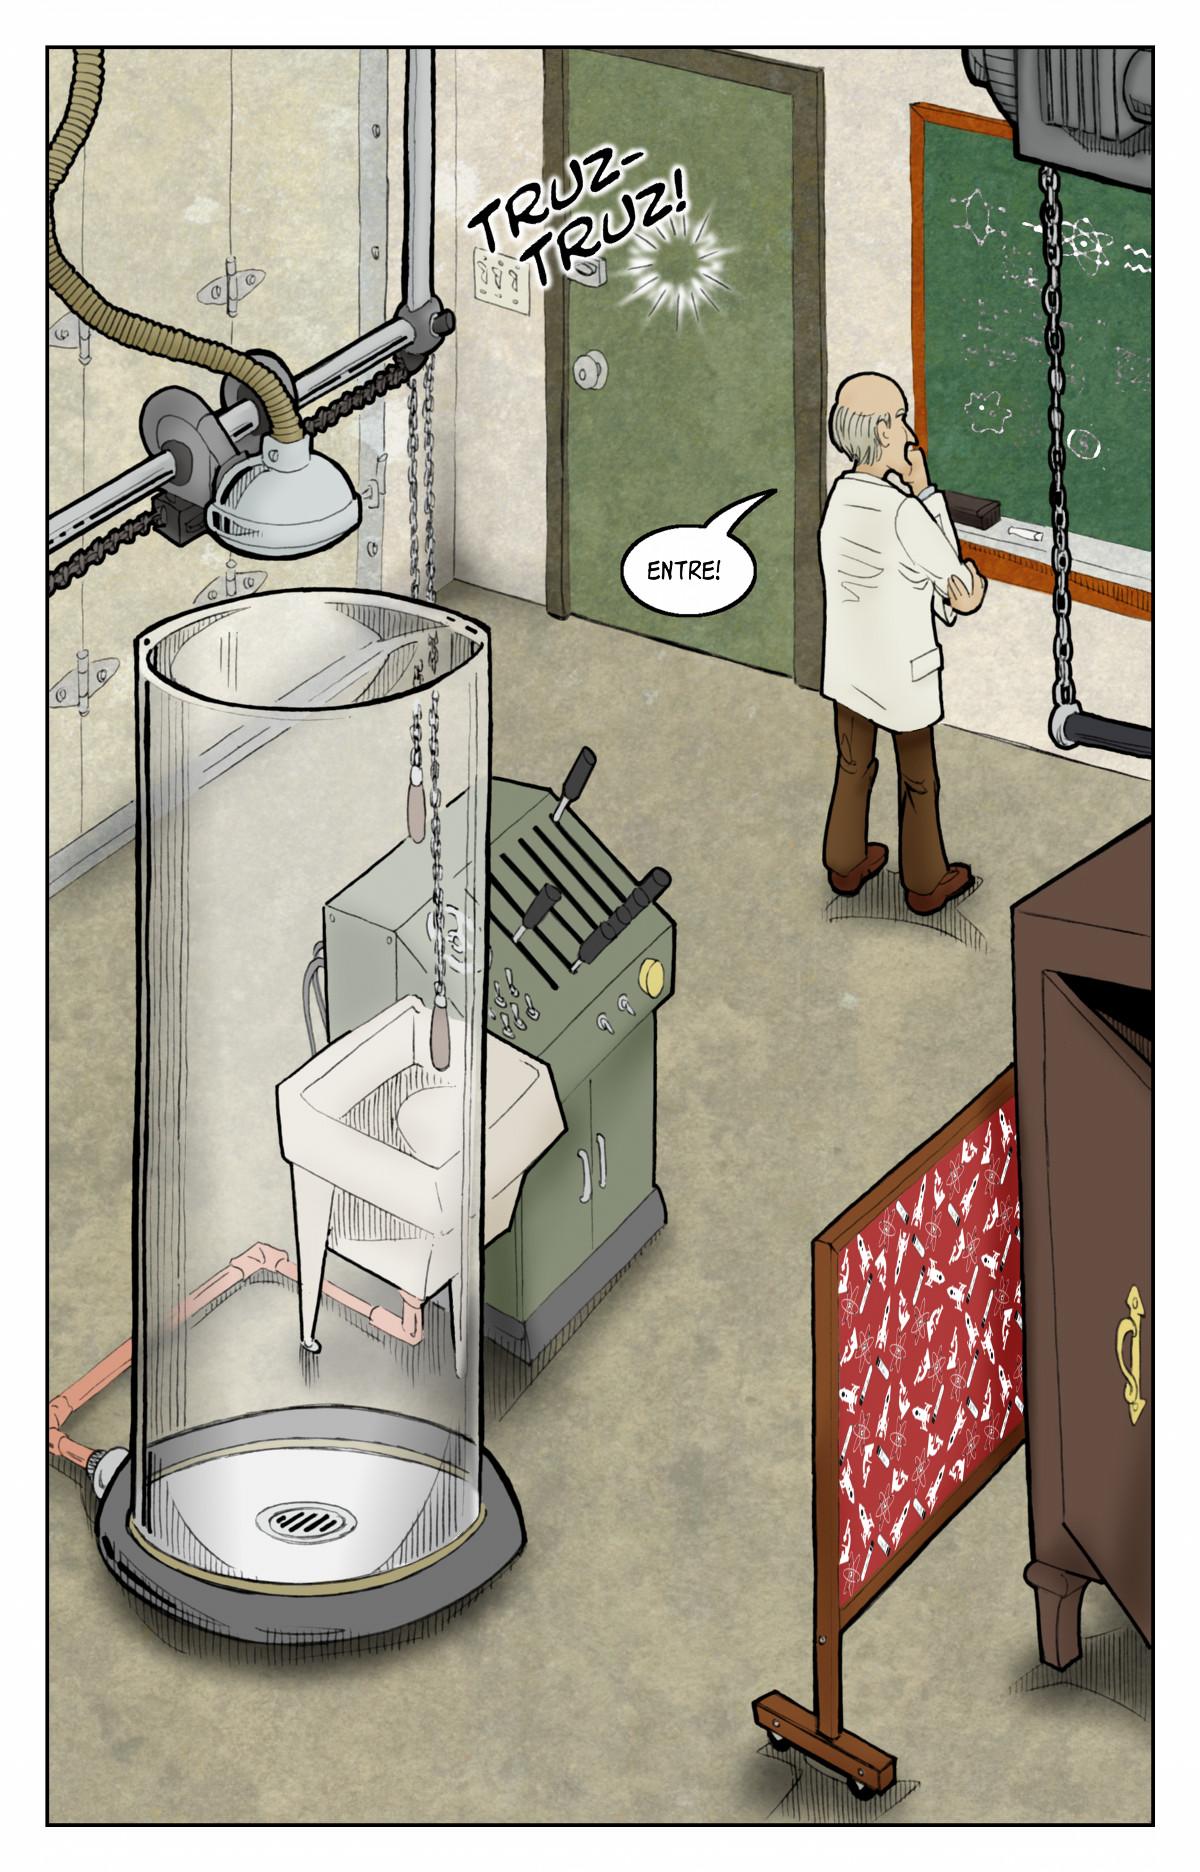 Batem à porta do laboratório!